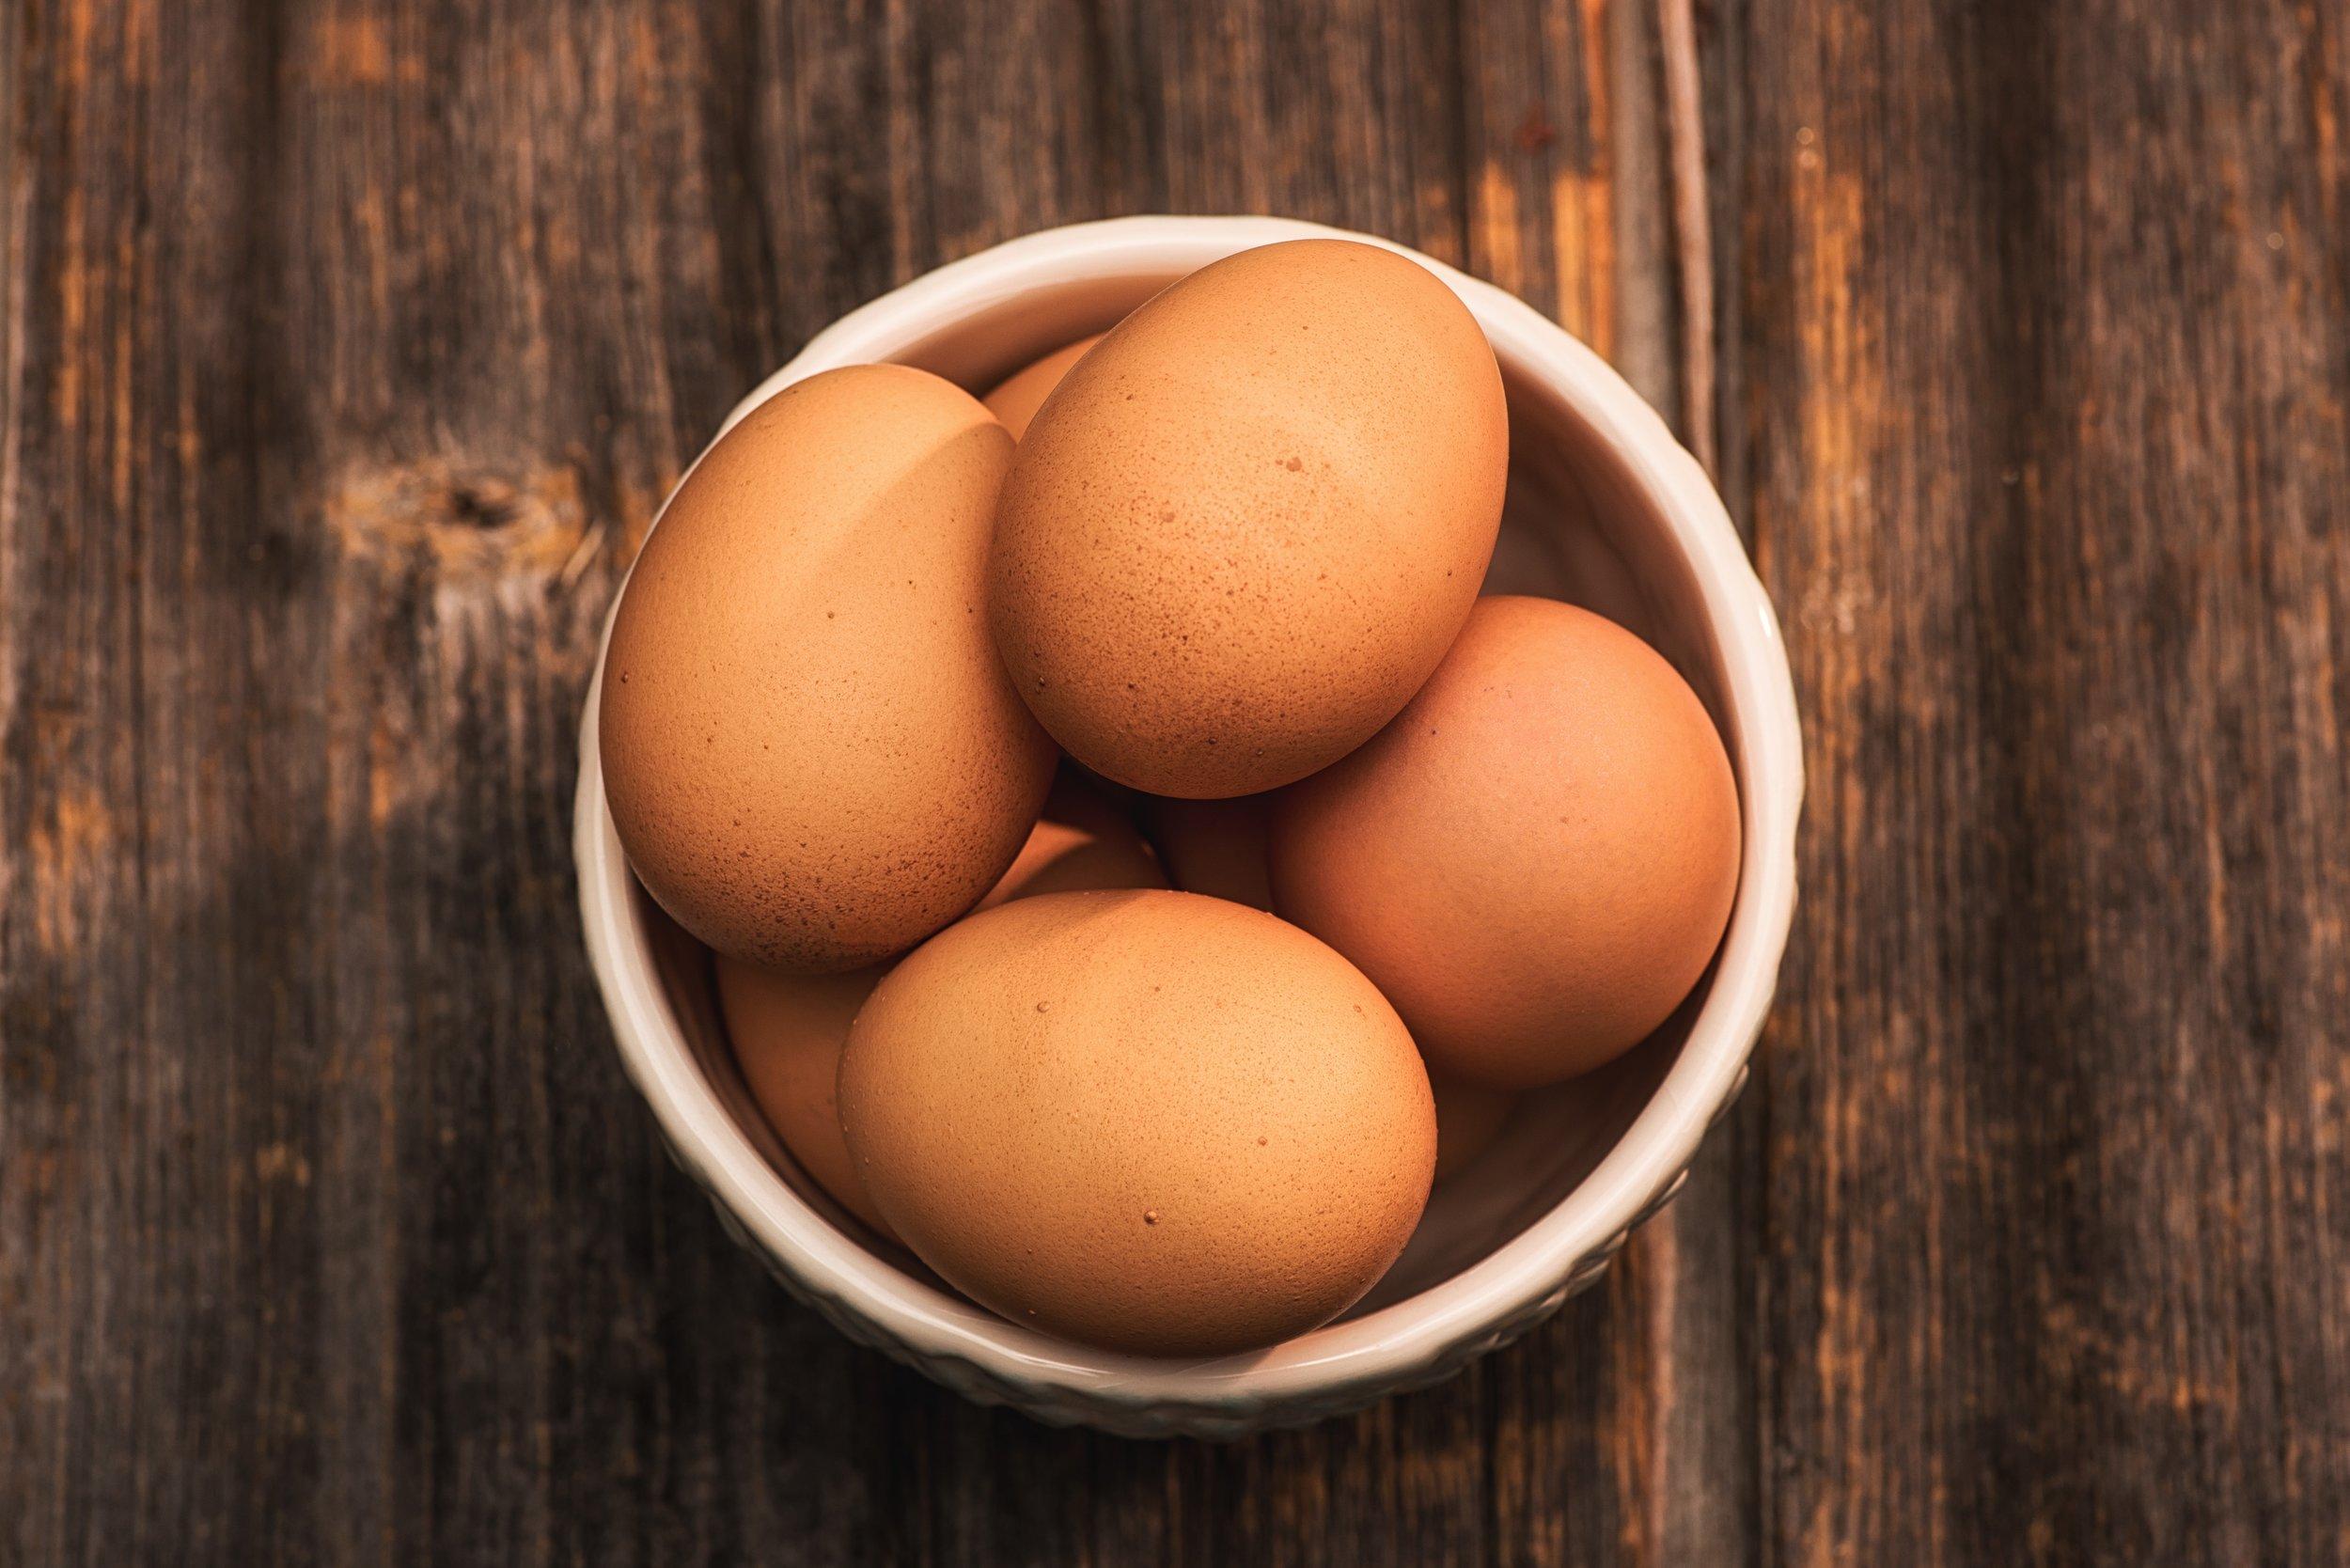 bowl-eggs-food-1750634.jpg